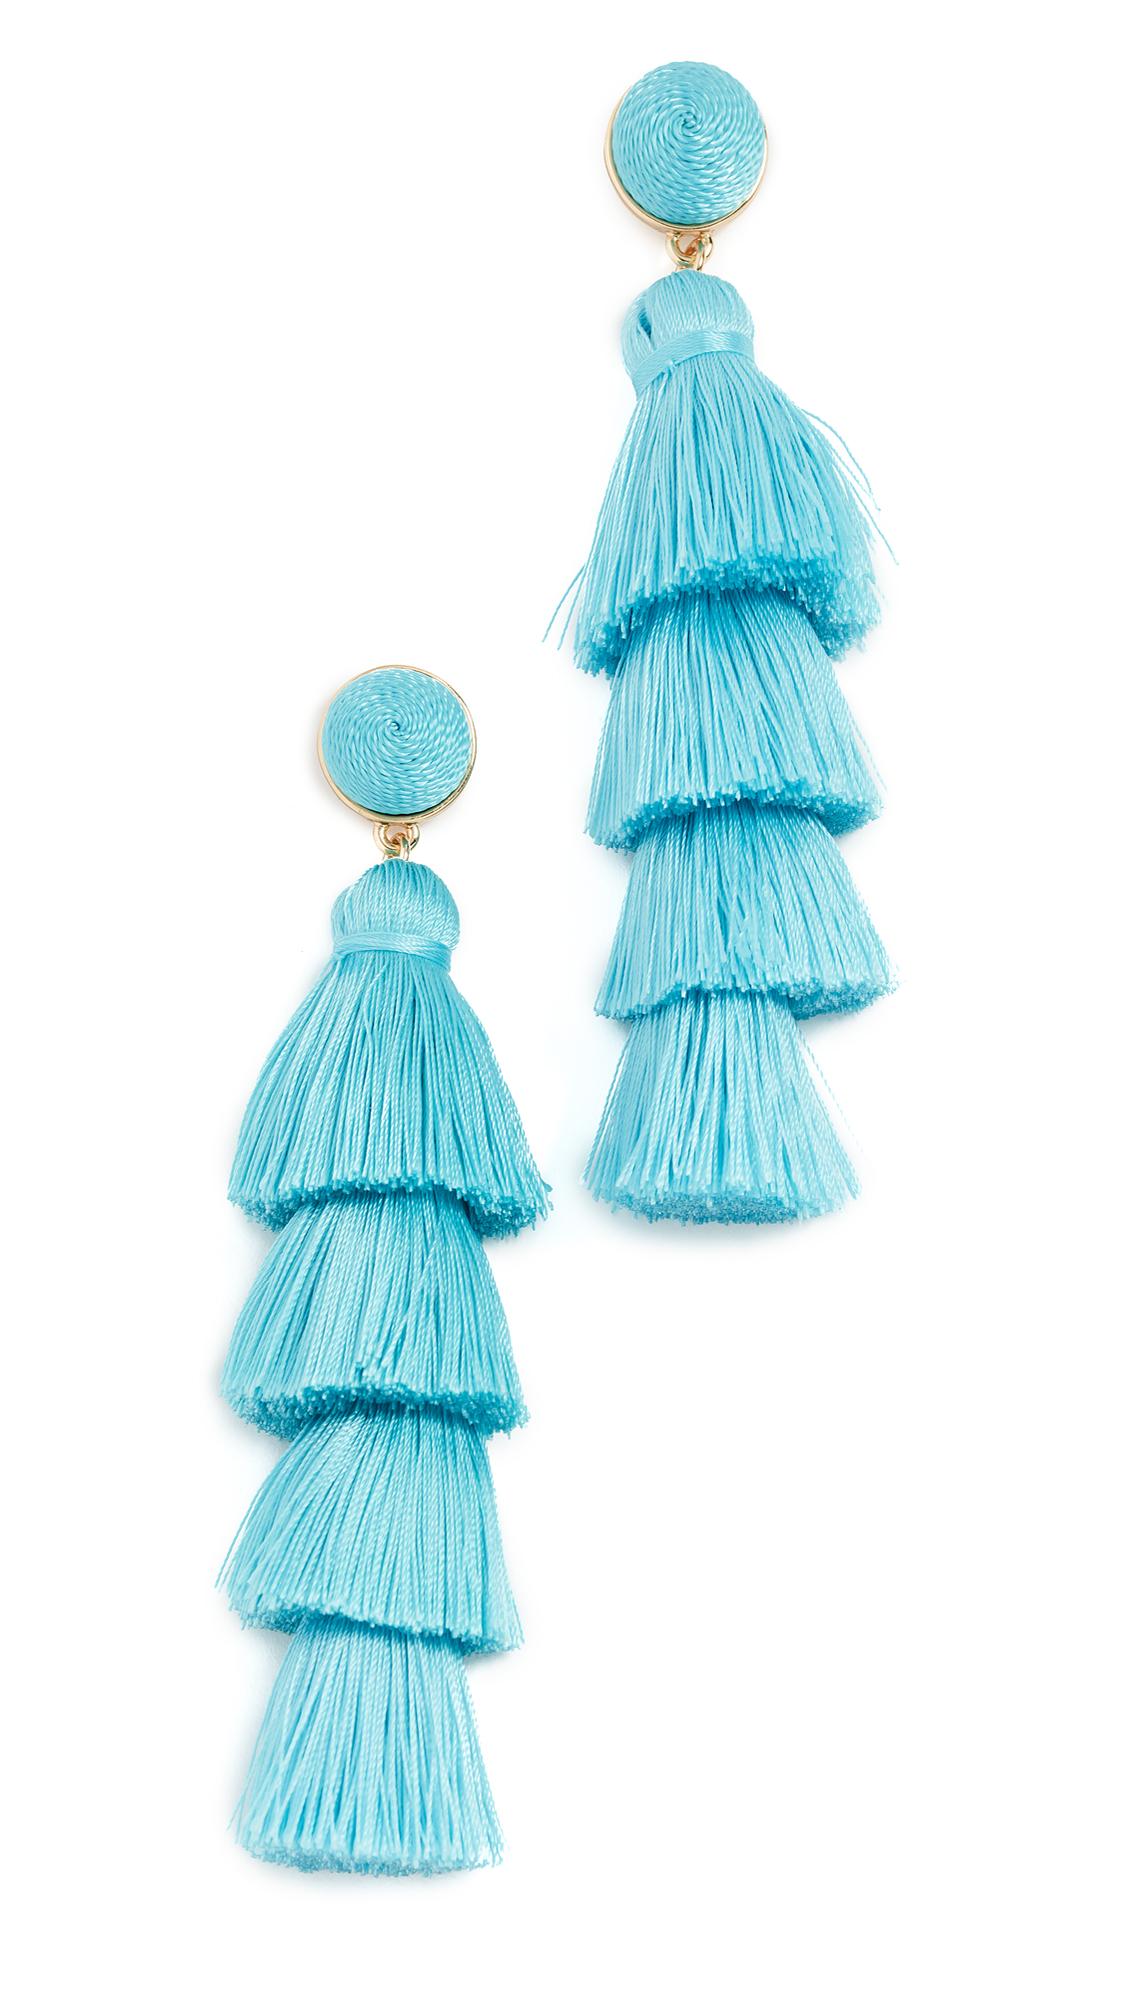 BaubleBar Tassel Earrings In Turquoise